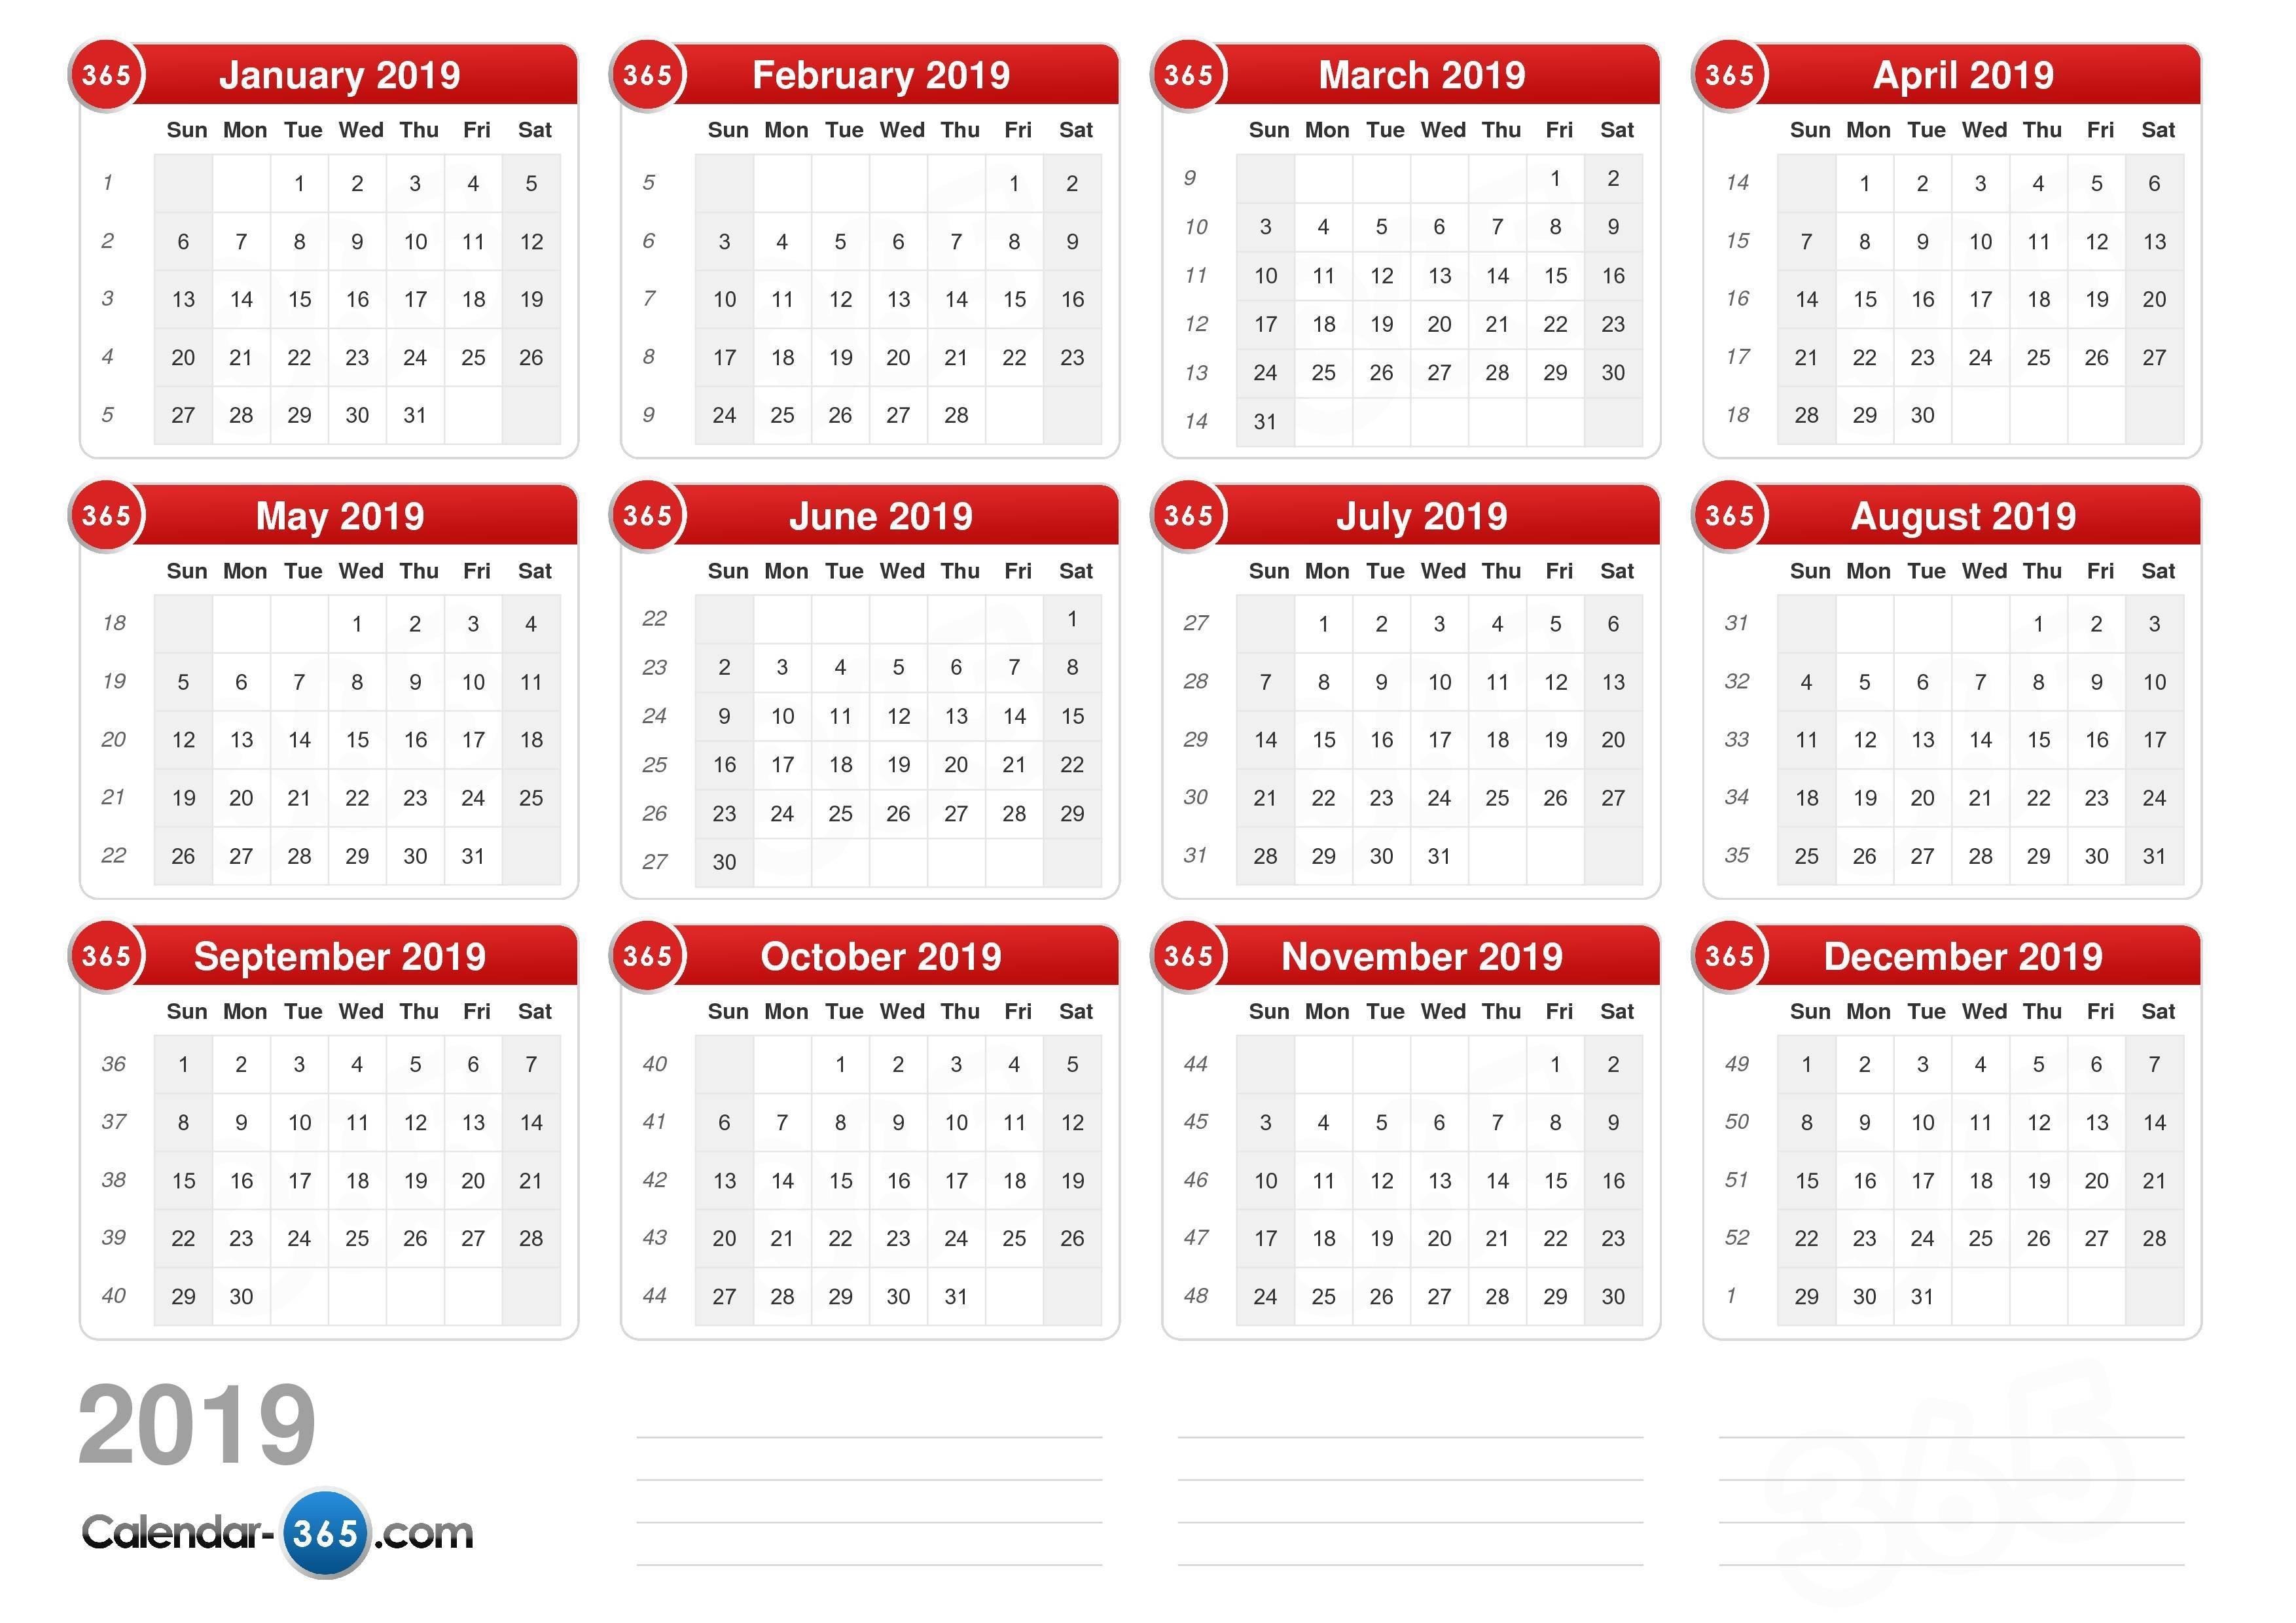 2019 Calendar Calendar Week 11 2019